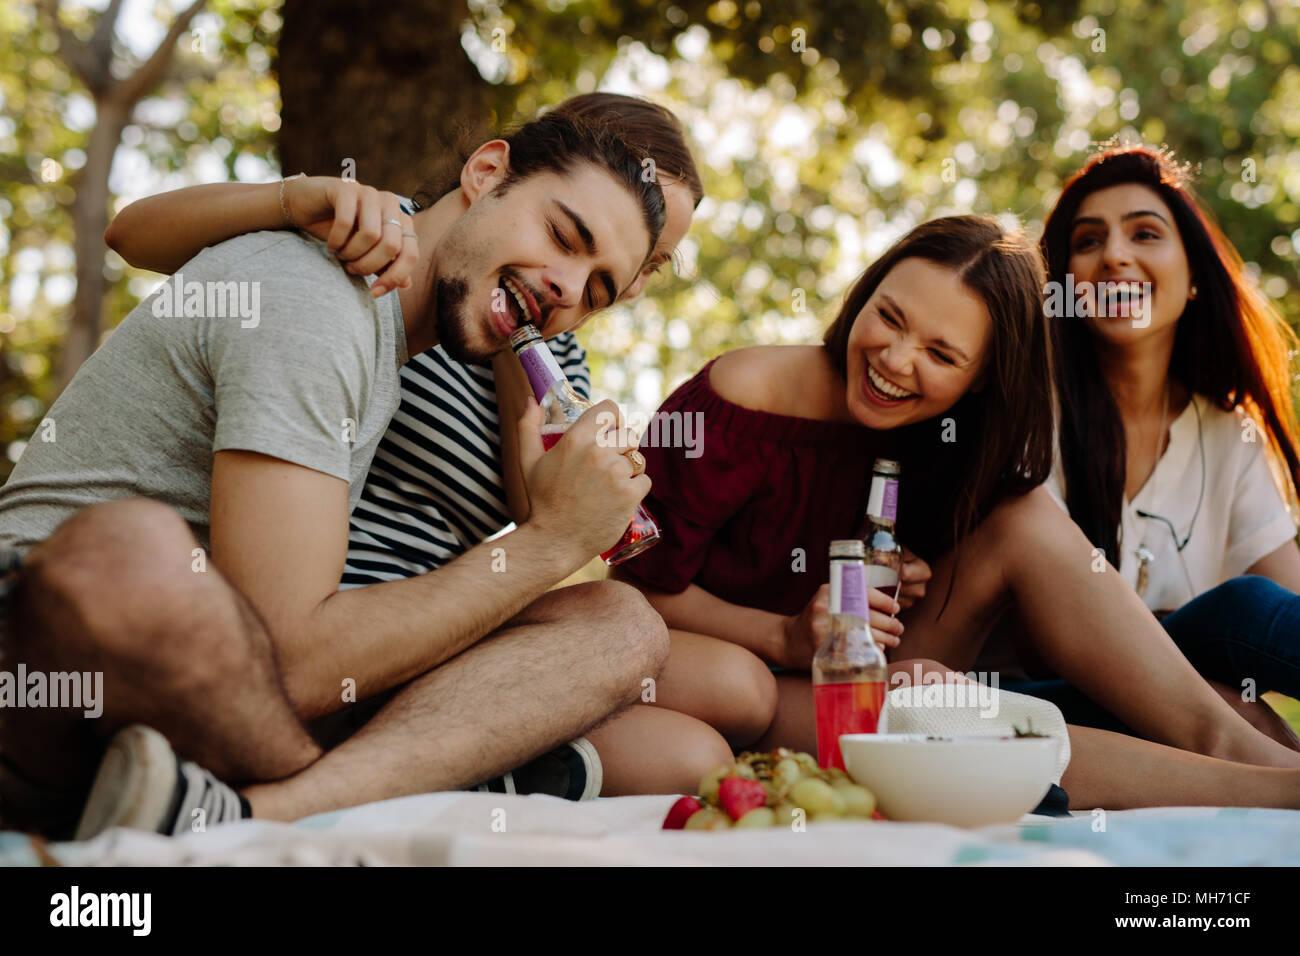 L'homme l'ouverture d'une bouteille avec ses dents et les femmes assises en souriant. Groupe d'amis appréciant avec boissons à pique-nique. Photo Stock